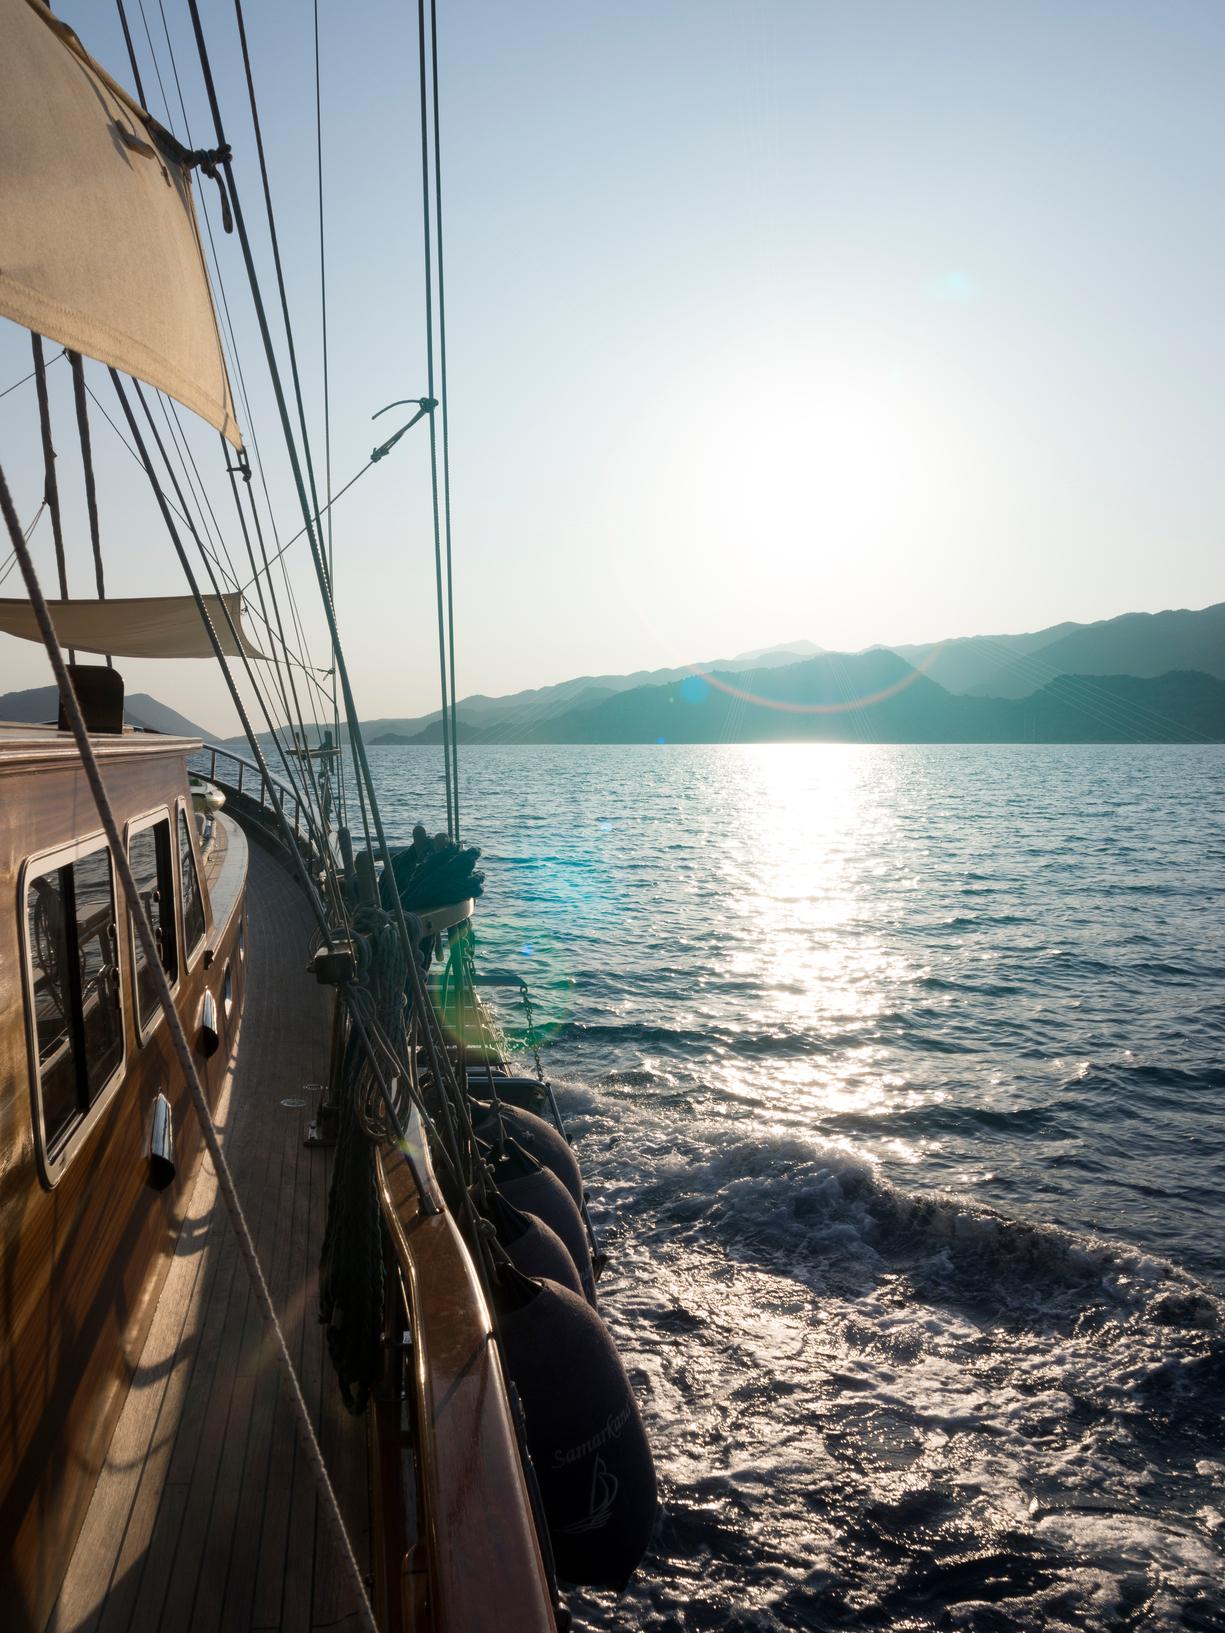 Il tuo viaggio   Le nostre golette, noleggiate esclusivamente per  gruppi privati da 2 a 20 persone, partono da  €400 per notte, a salire fino ai massimi livelli del lusso.      la flotta